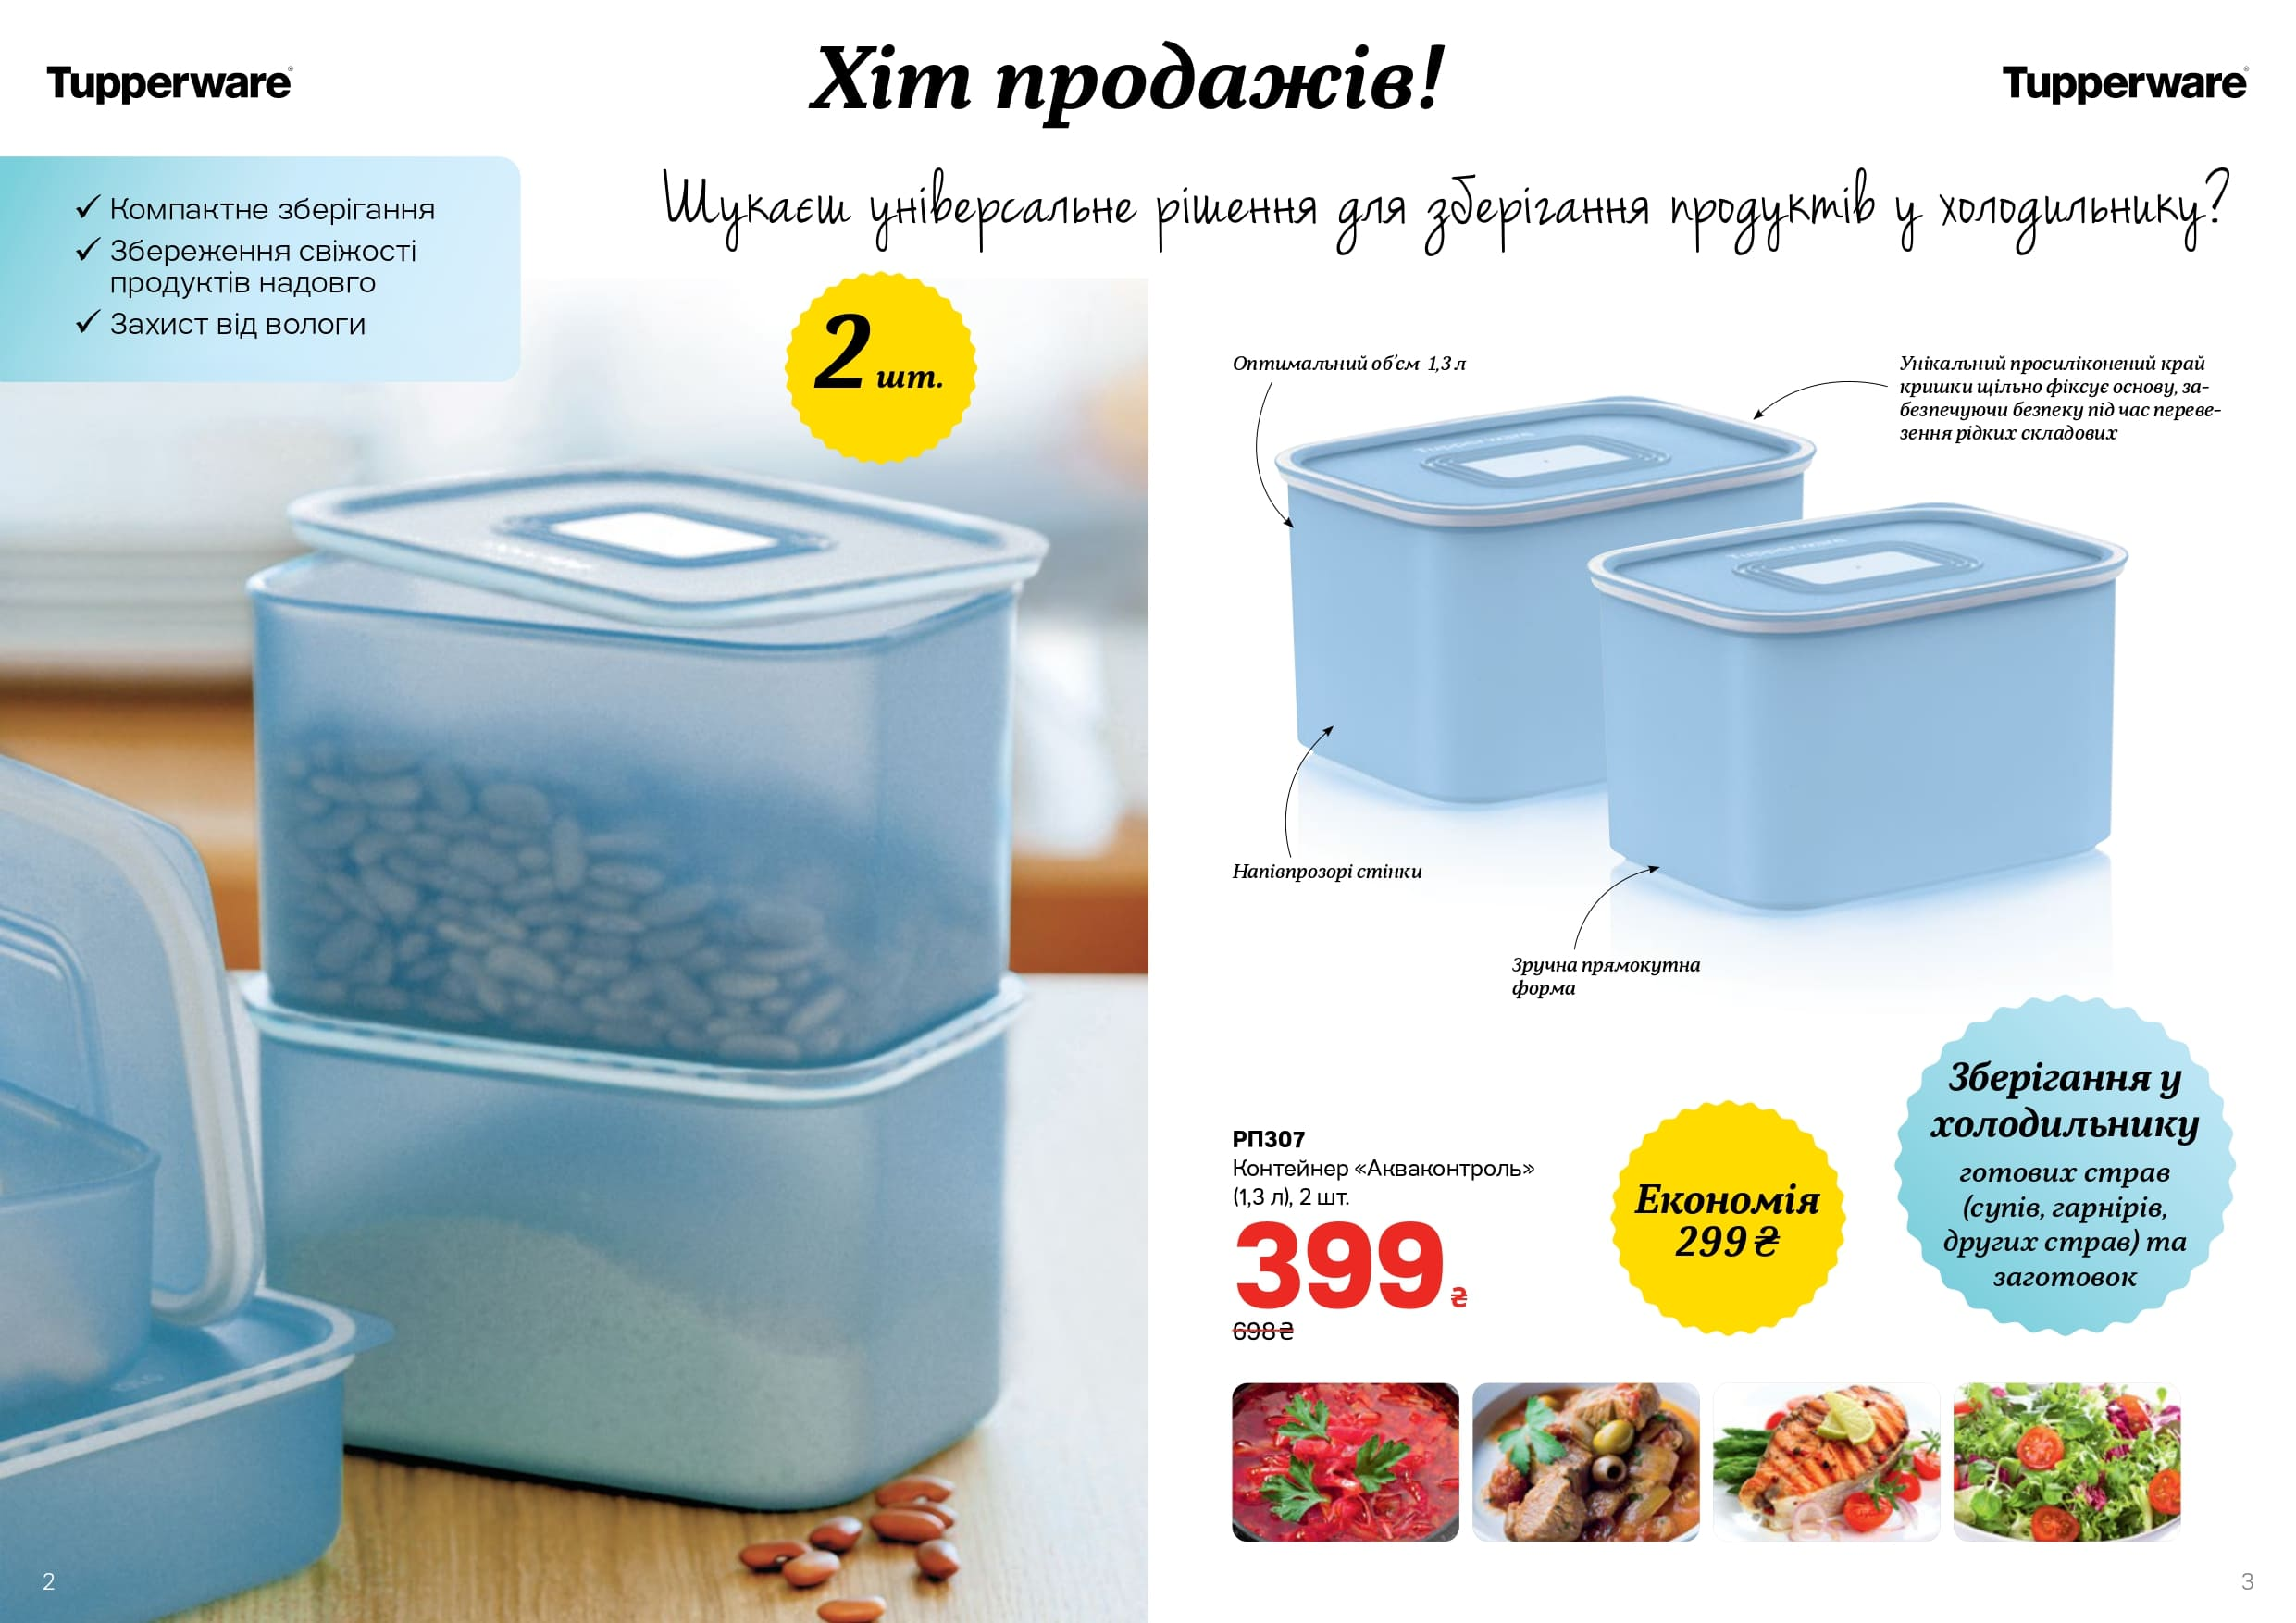 Голубой акваконтроль 1,3 литра в июле 2020 года со скидкой 42% от Tupperware